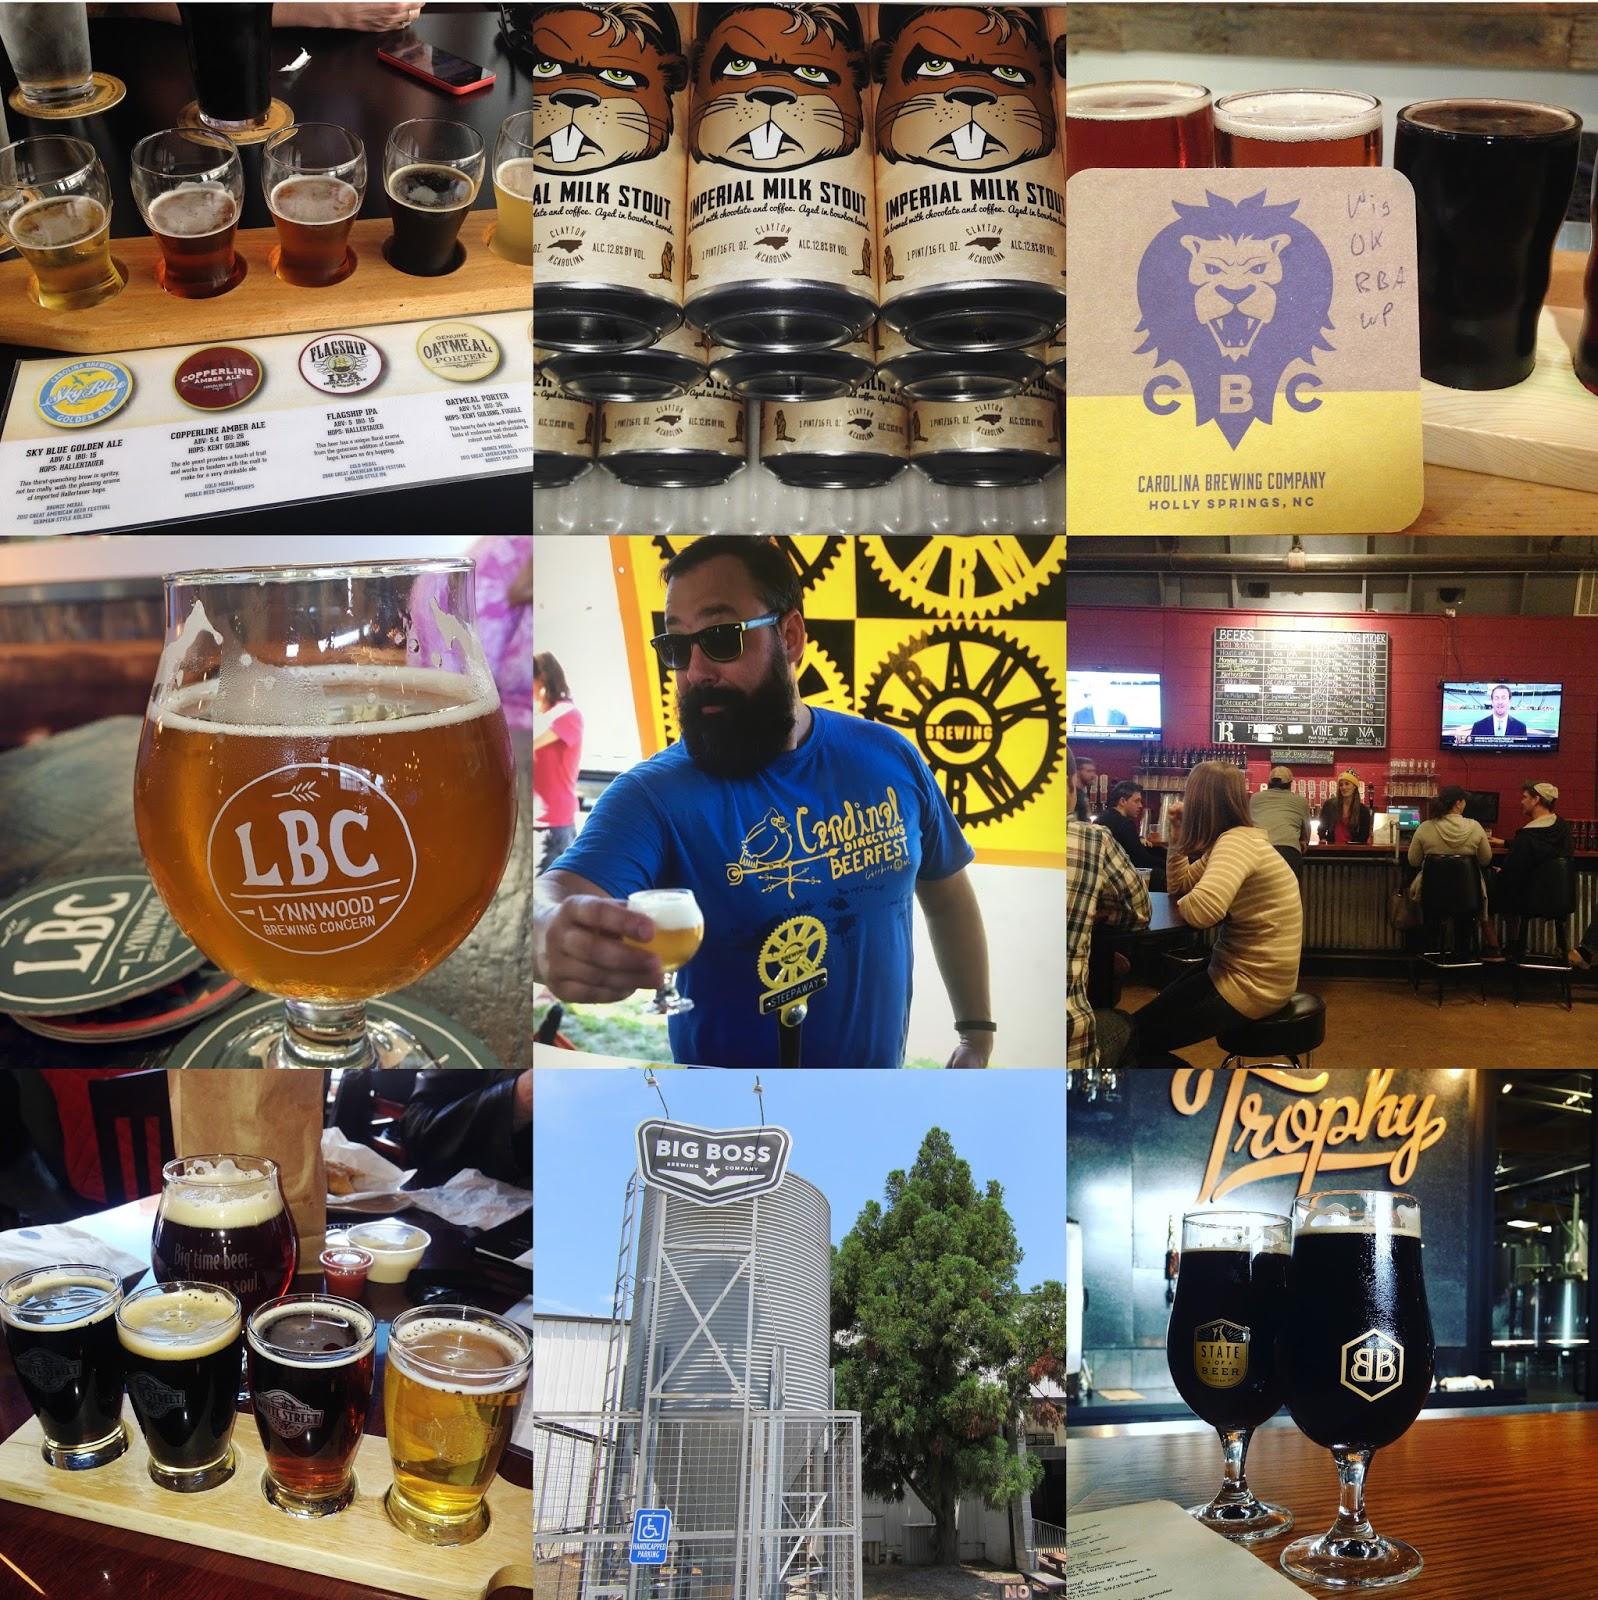 NC Beer Collage Craft Beer.jpg